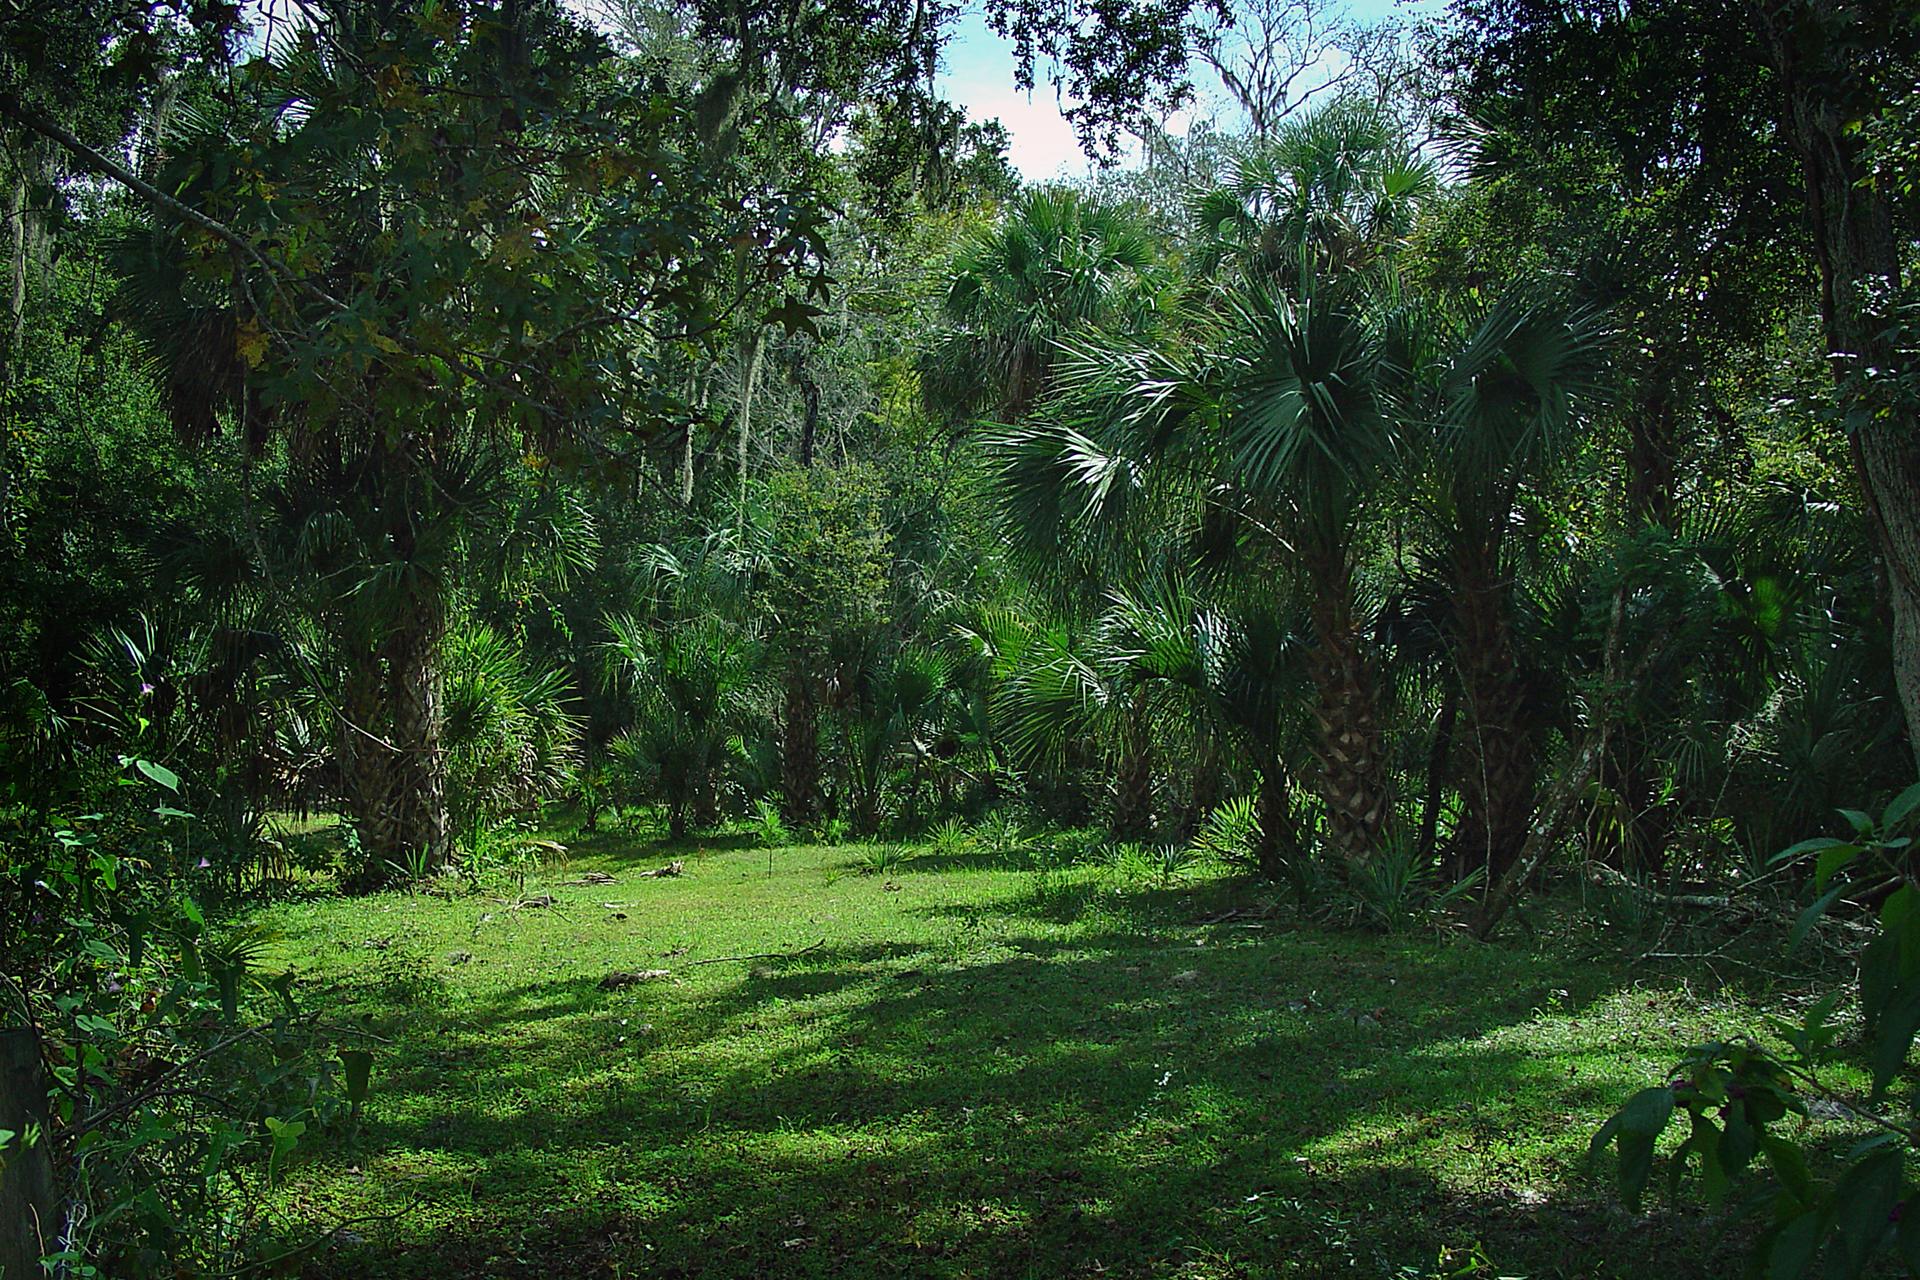 Fotografia prezentuje zielony las równikowy. Drzewa maja rozłożyste korony. Na pierwszym planie widać polanę pokryta trawą.